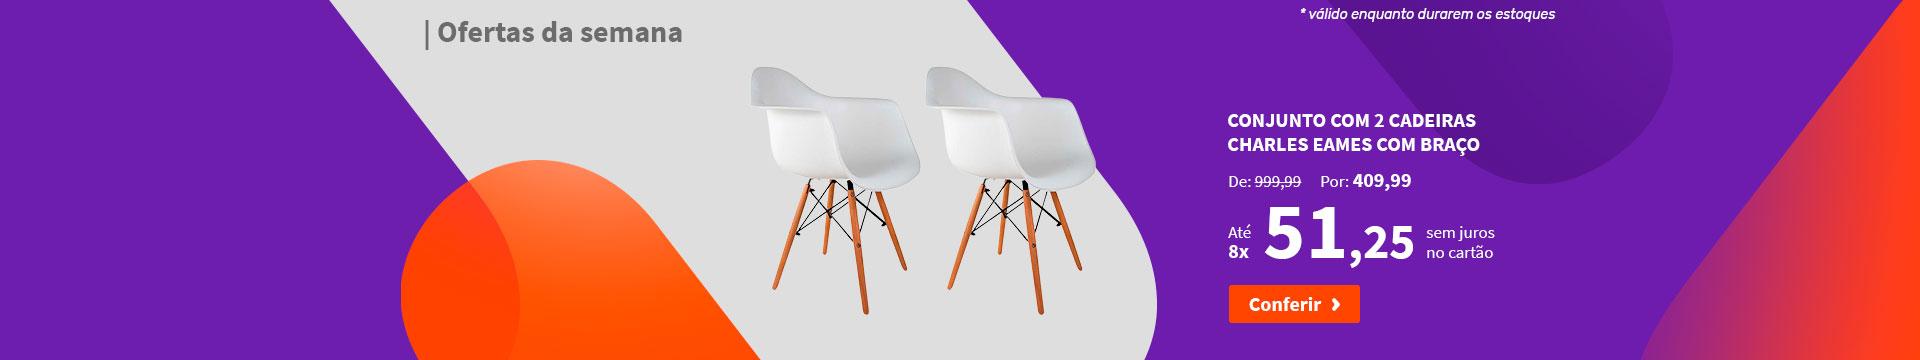 Conjunto com 2 Cadeiras Charles Eames com Braço - Ofertas da semana